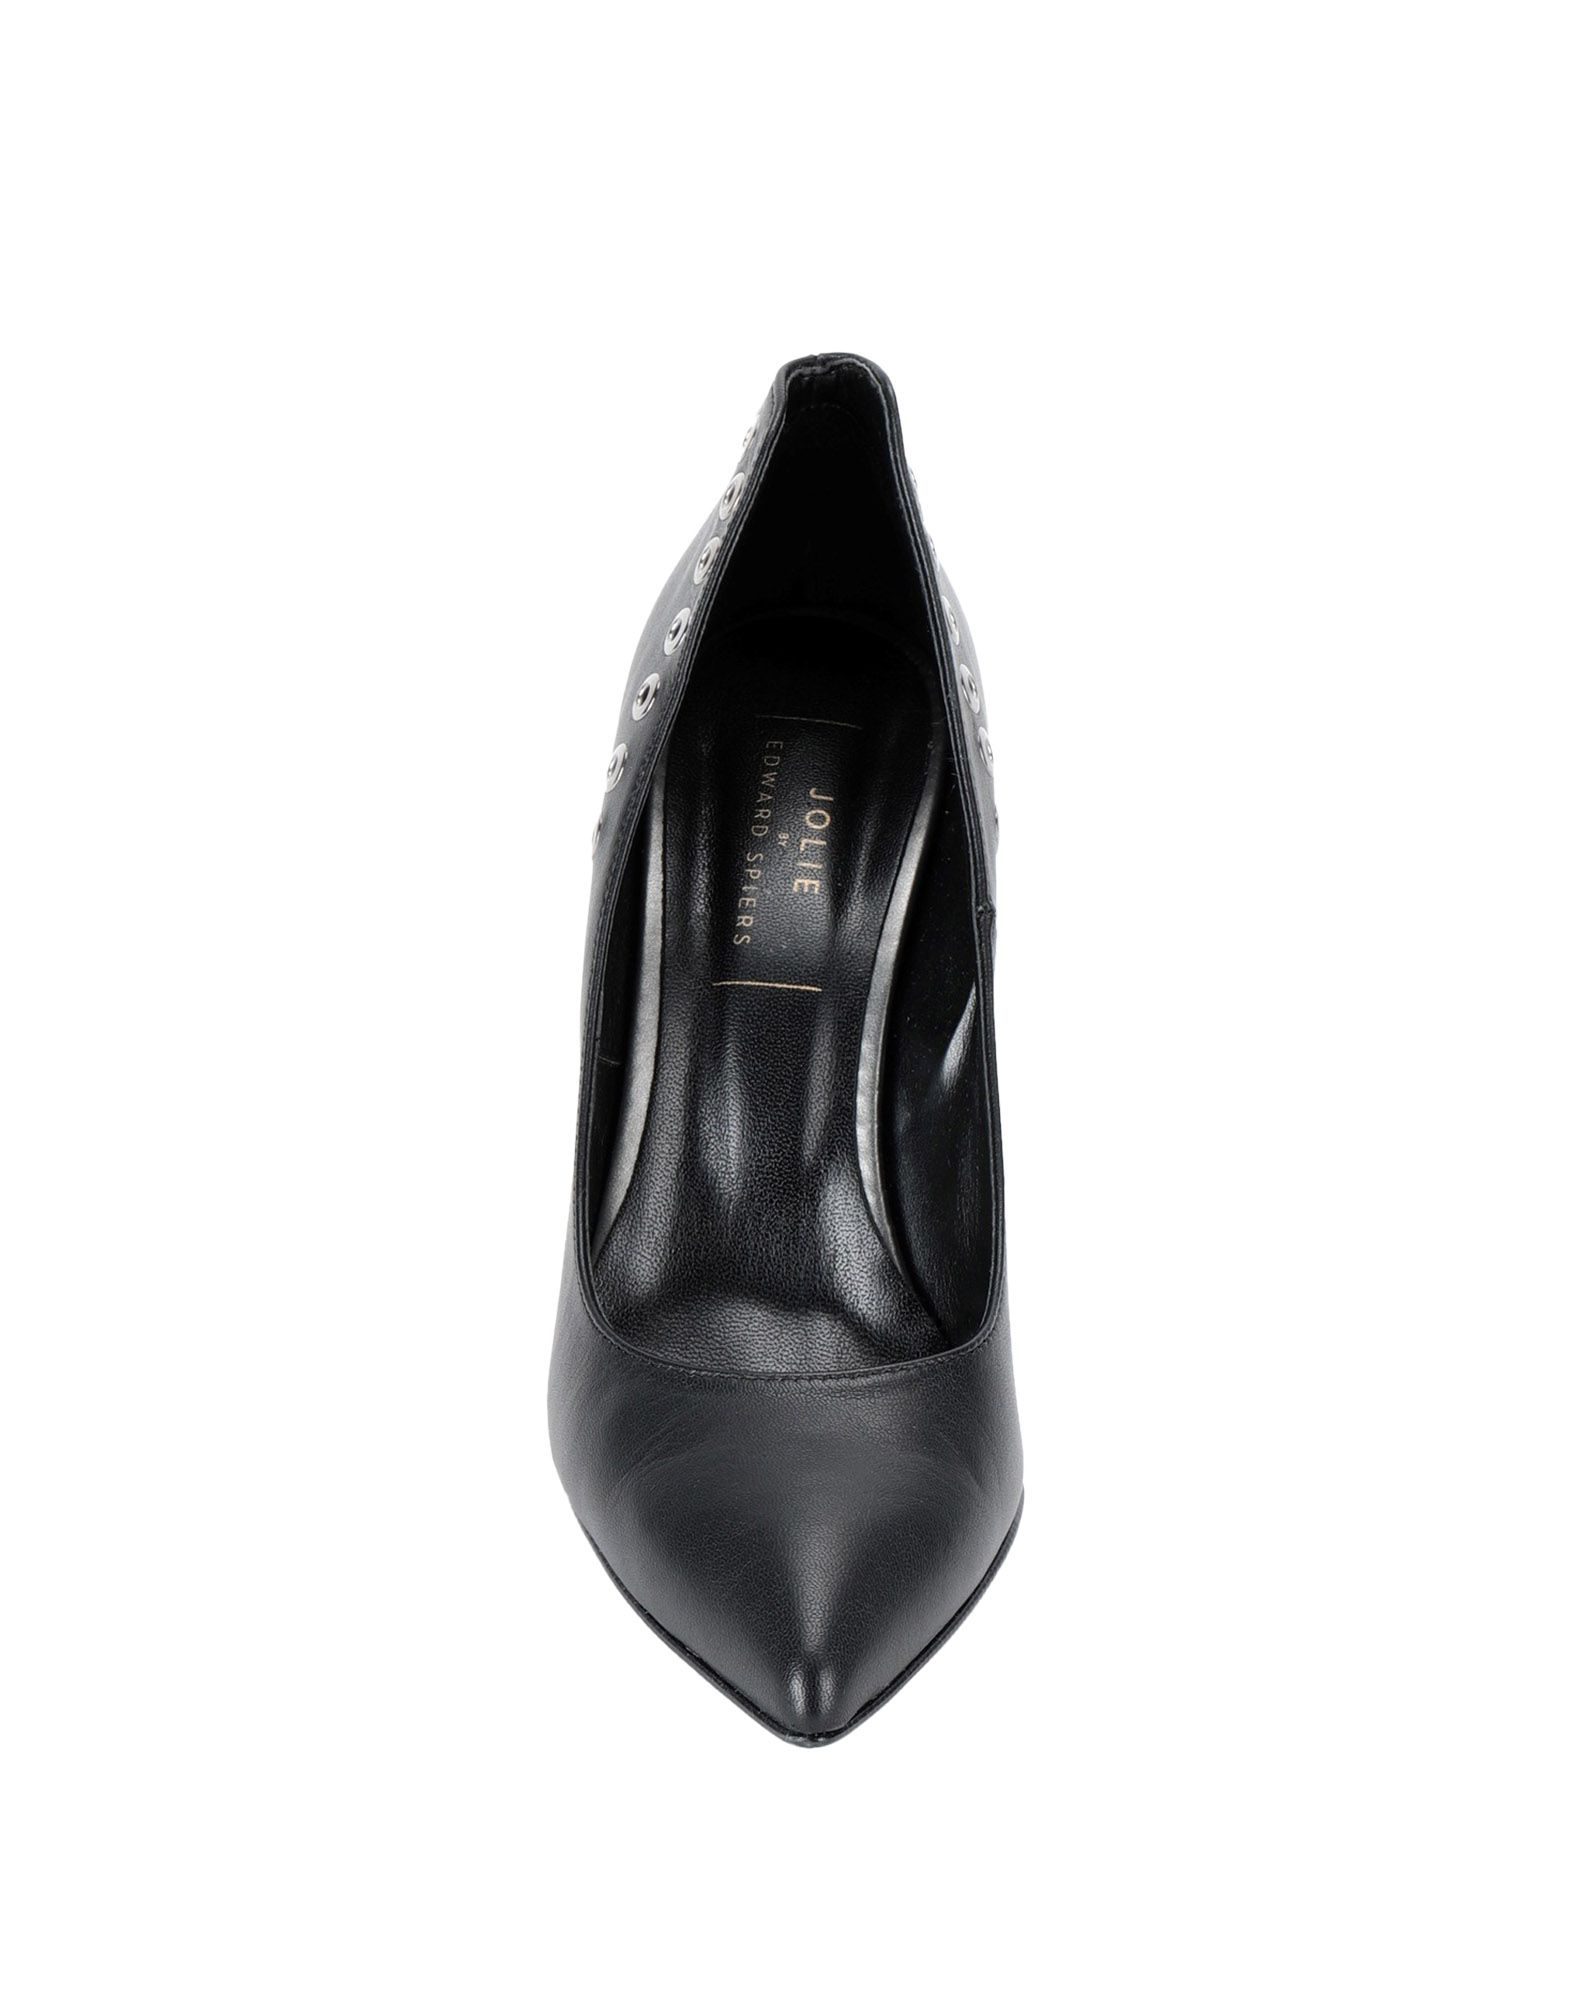 Stilvolle Edward billige Schuhe Jolie By Edward Stilvolle Spiers Pumps Damen  11539968VF 5f5c4c